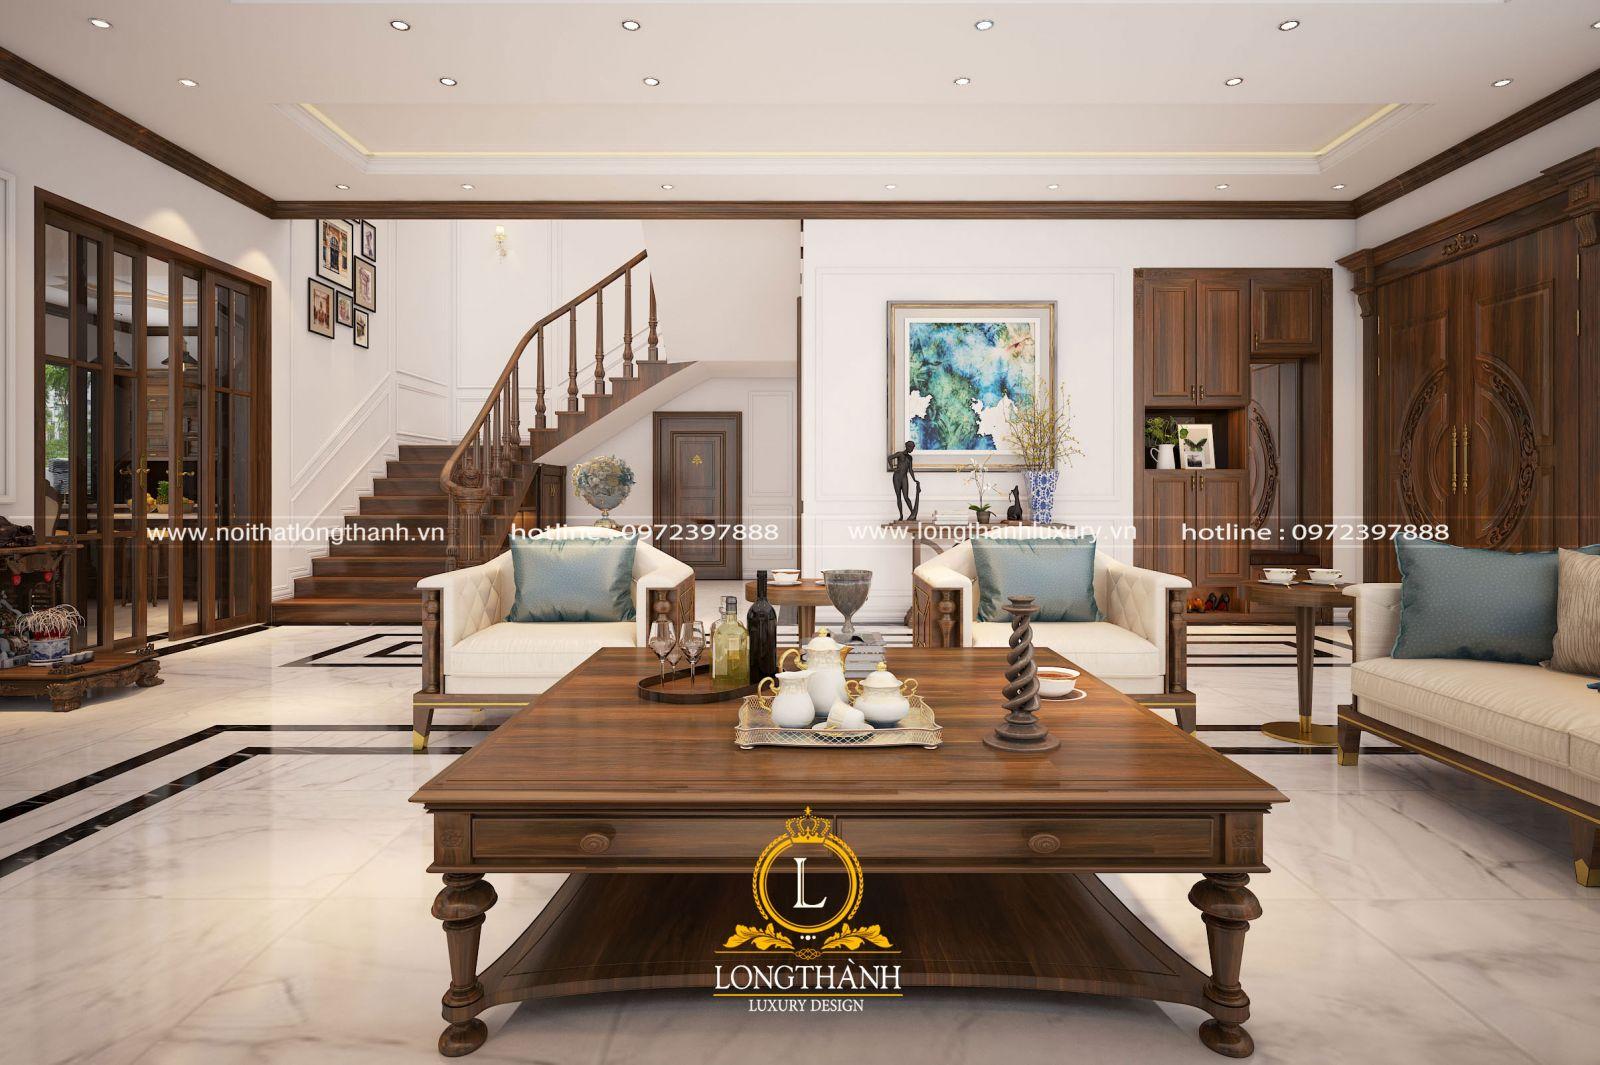 Nội thất phòng khách gỗ tự nhiên đẹp cho không gian căn hộ penhouse hai tầng